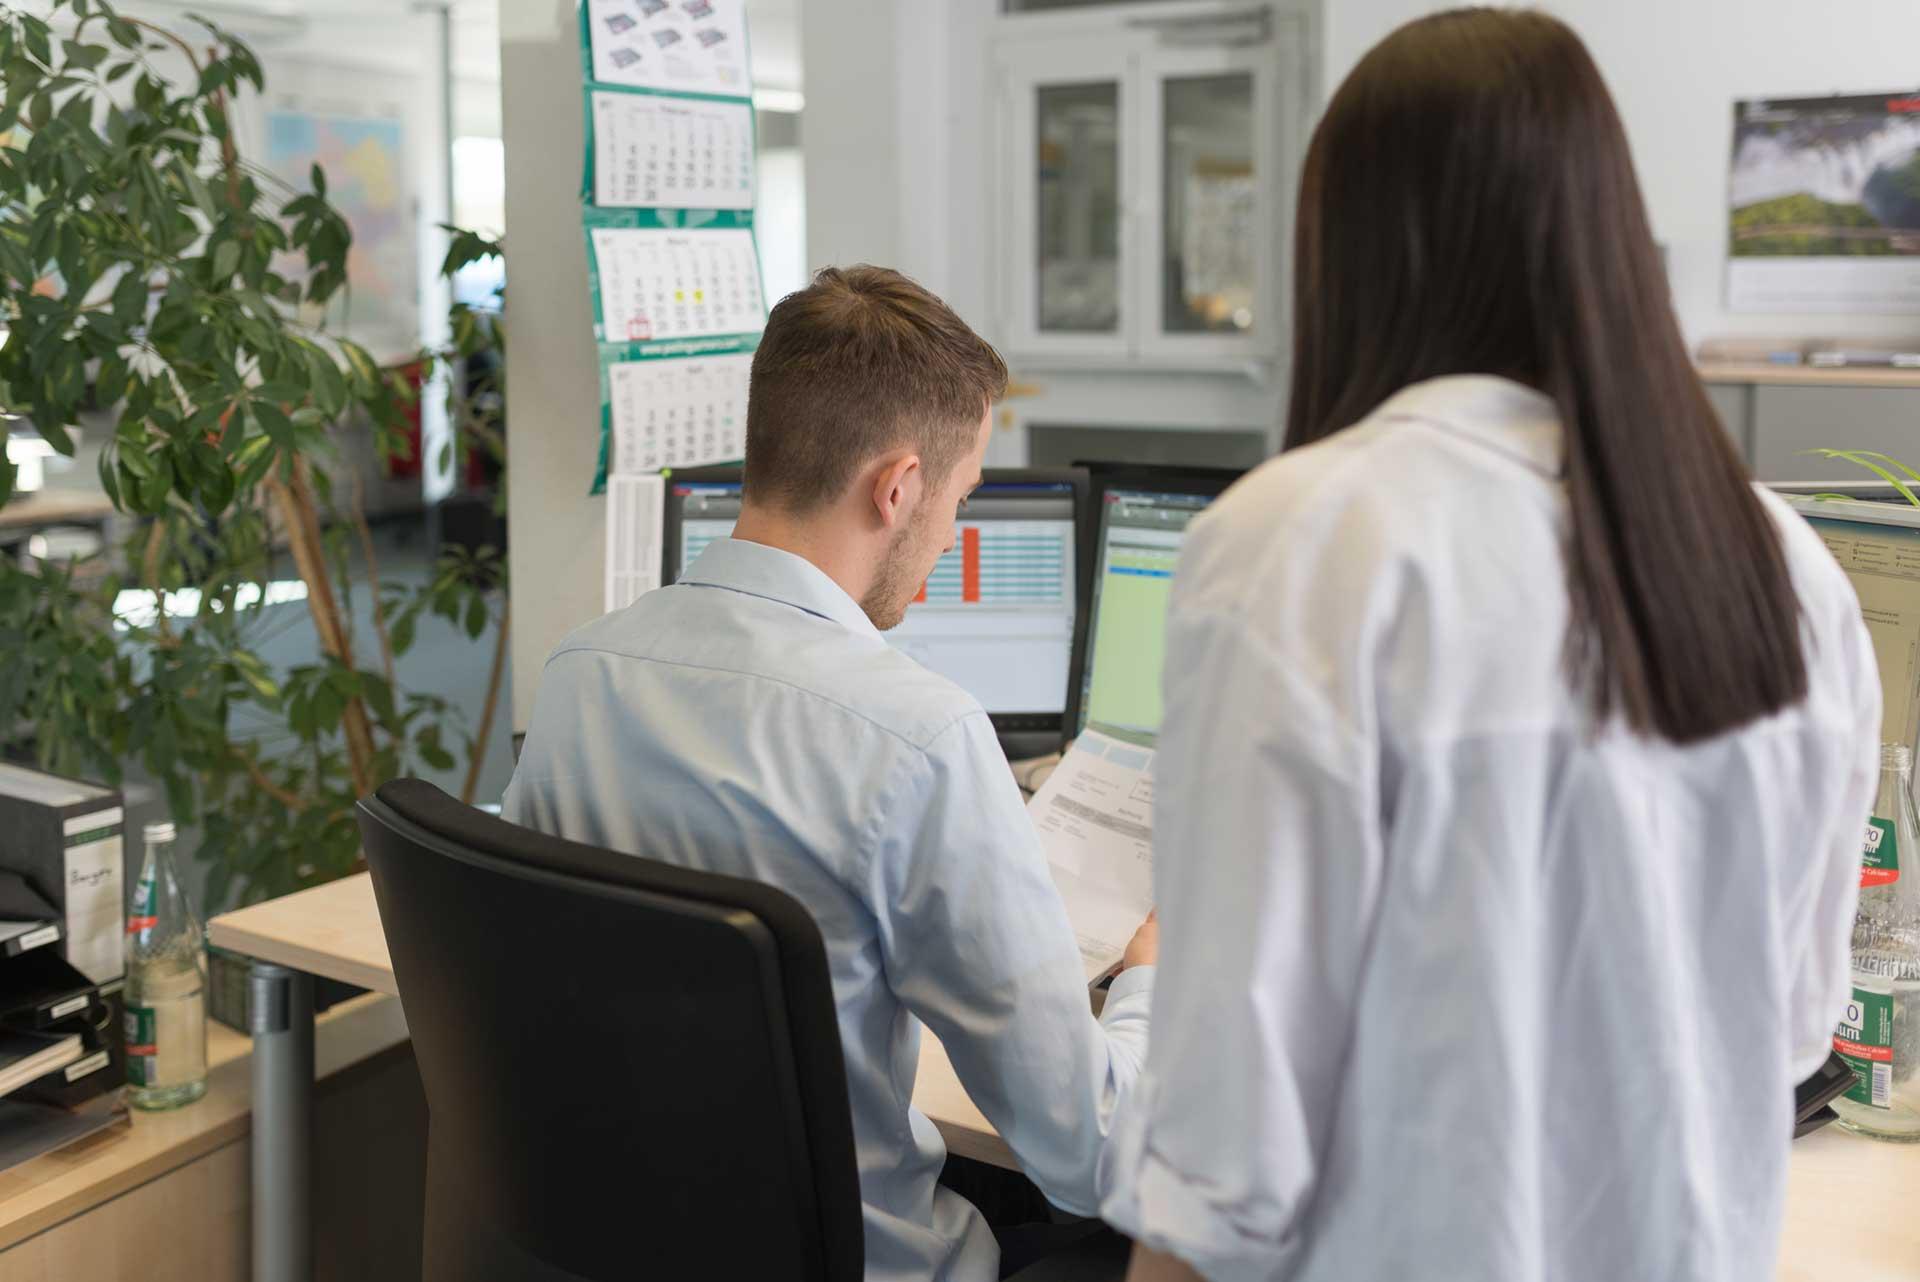 Mitarbeiter sitzen an Rechner und prüfen Kundenanfrage